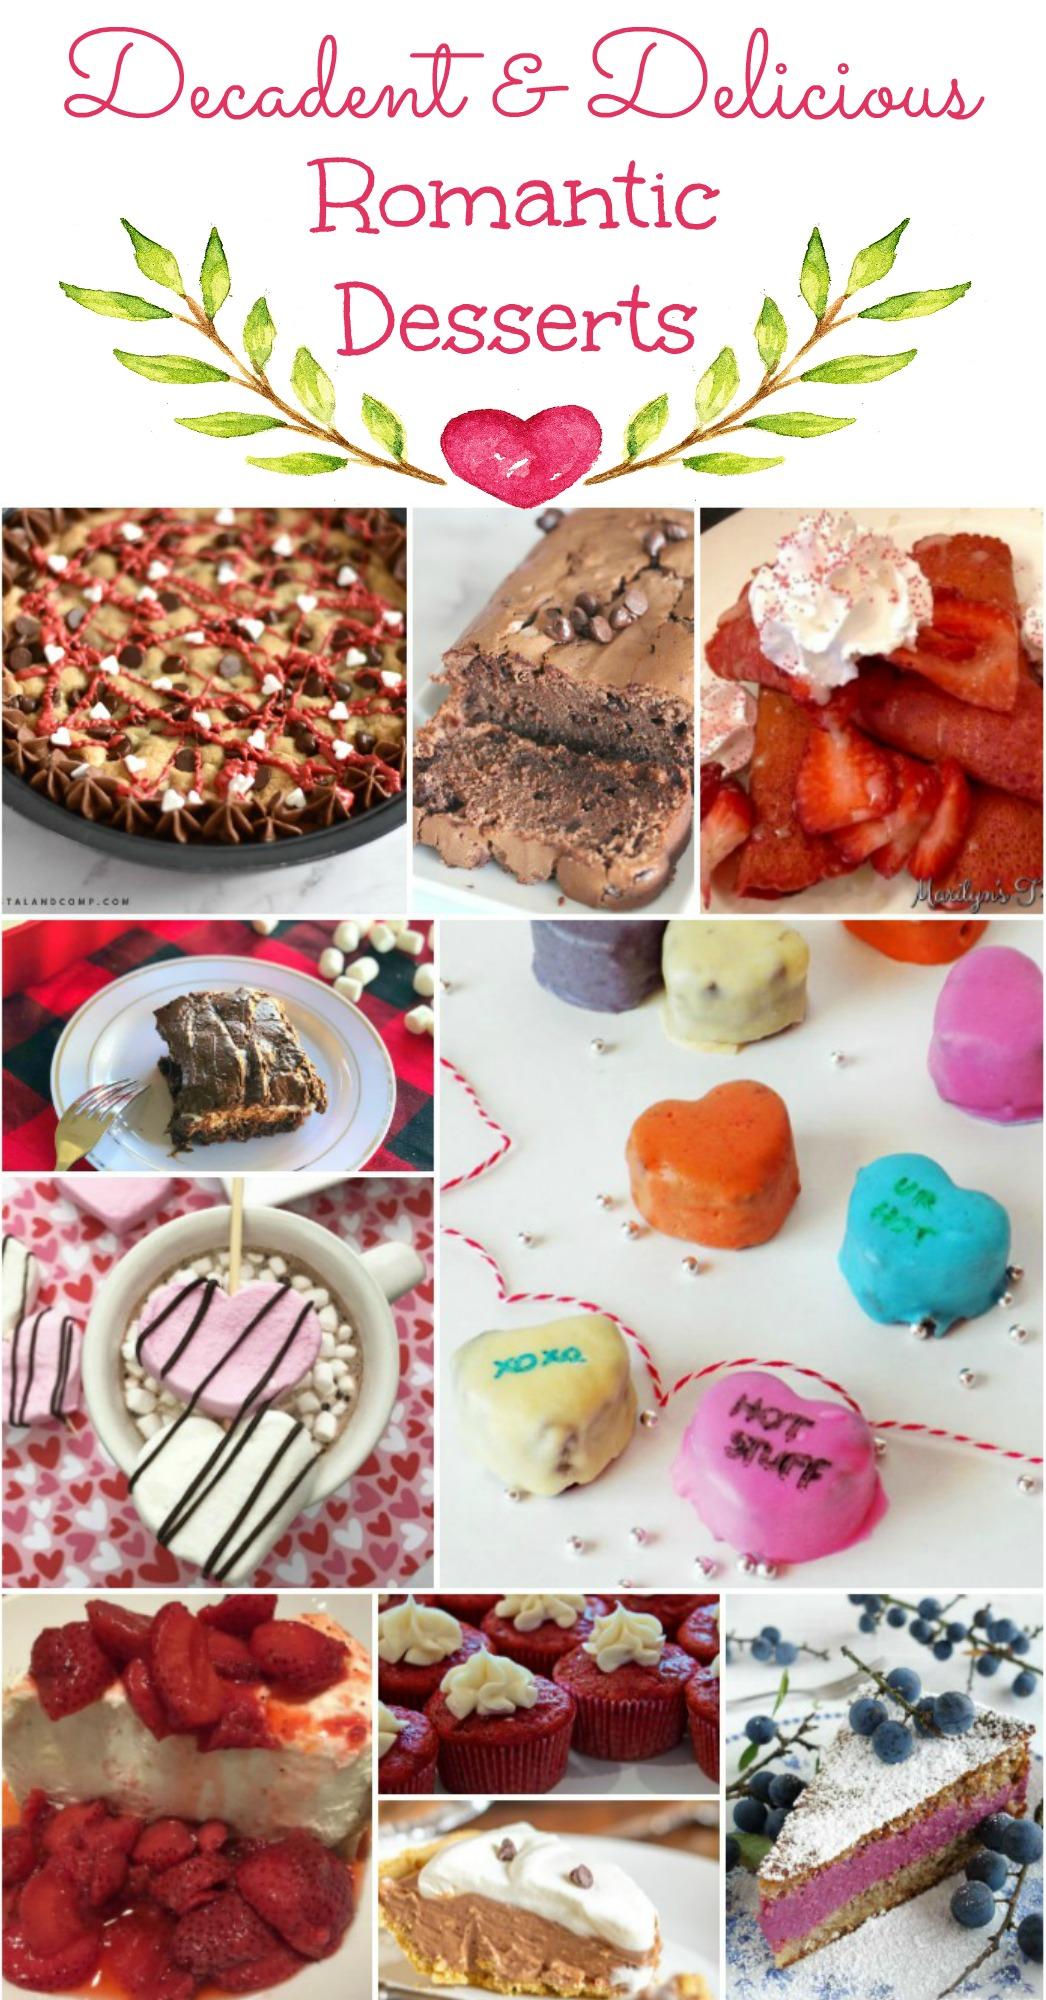 Decadent & Delicious Romantic Desserts